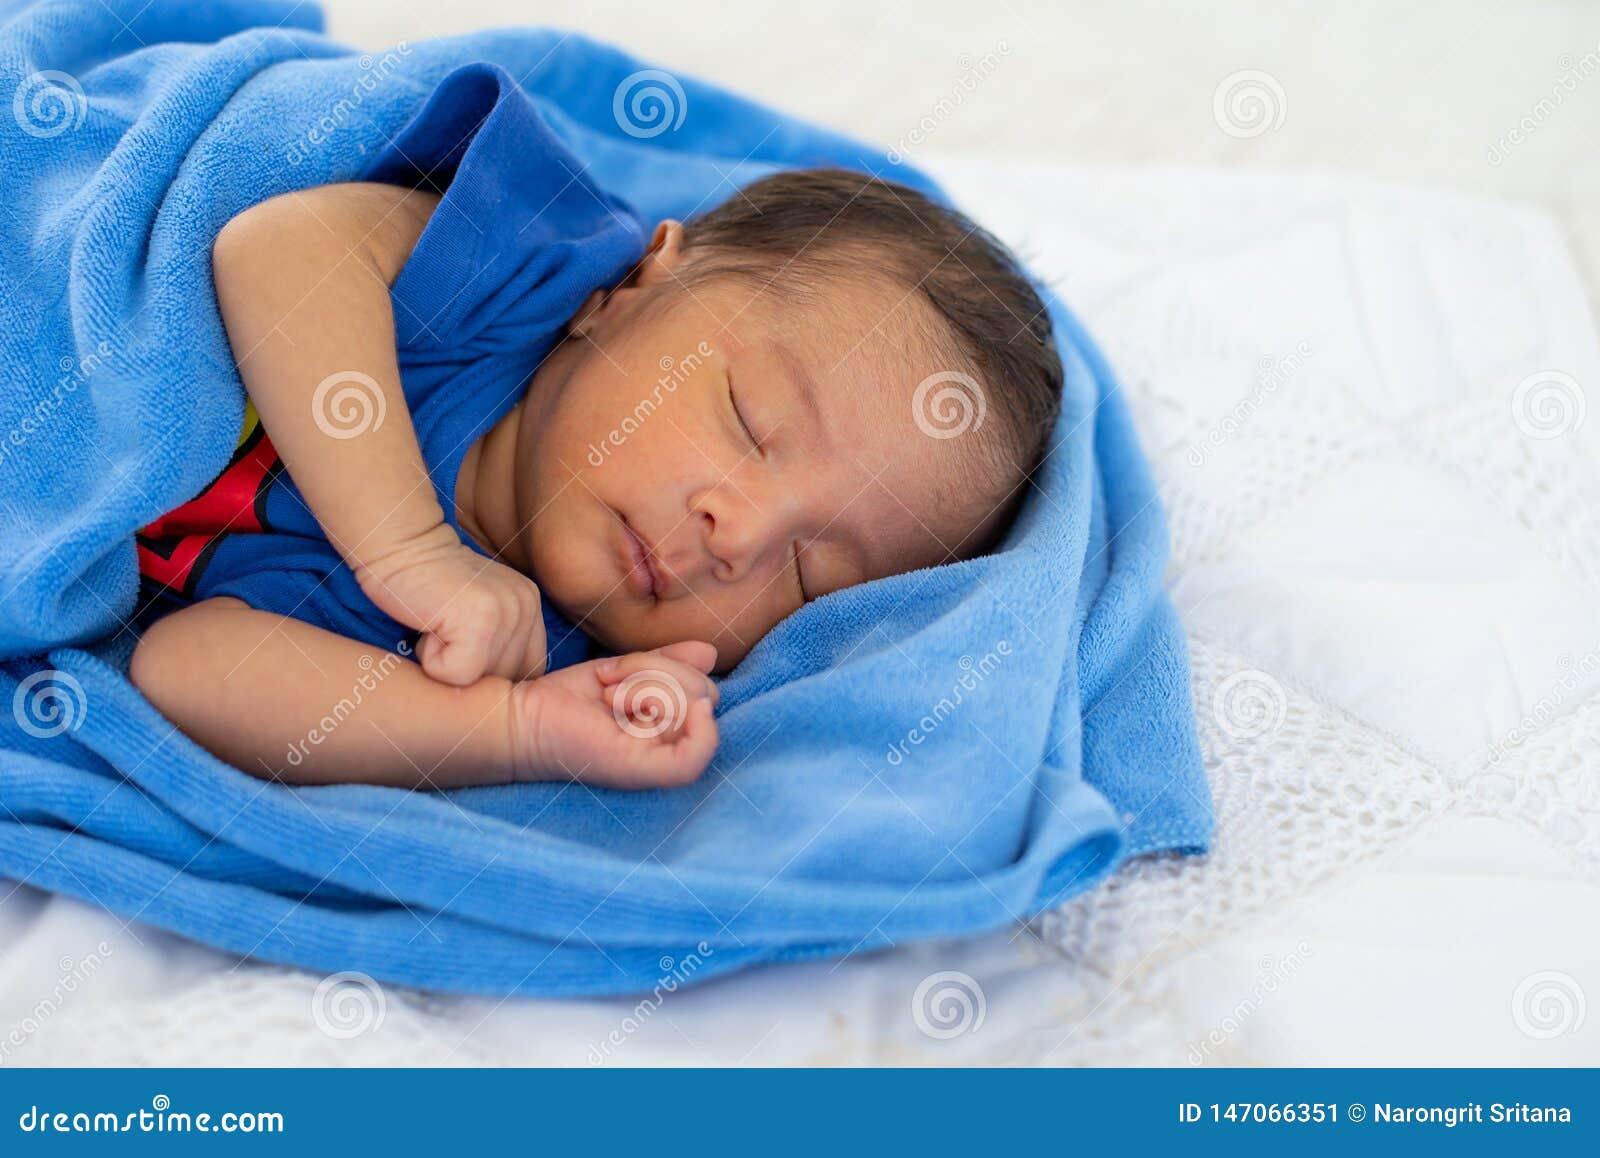 La vue haute étroite du jeune bébé nouveau-né asiatique dort avec la serviette bleue sur le lit blanc dans la chambre à coucher a